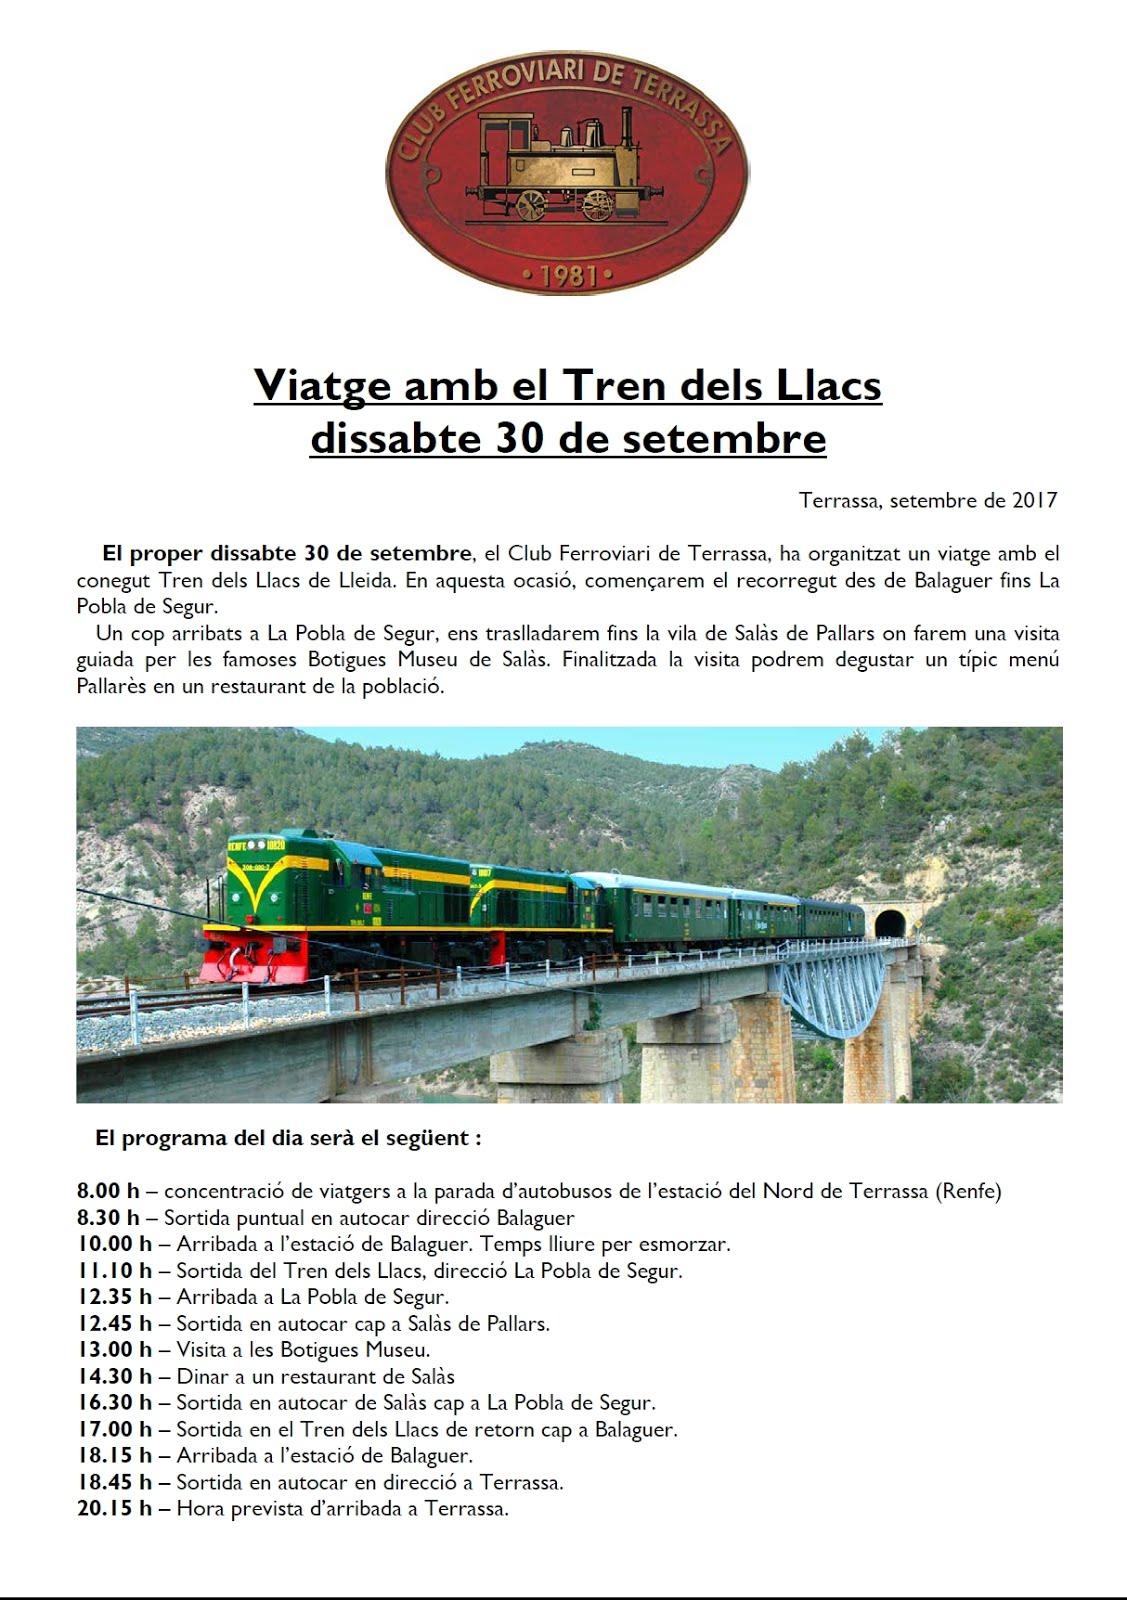 Tren del Llacs 2017 - A